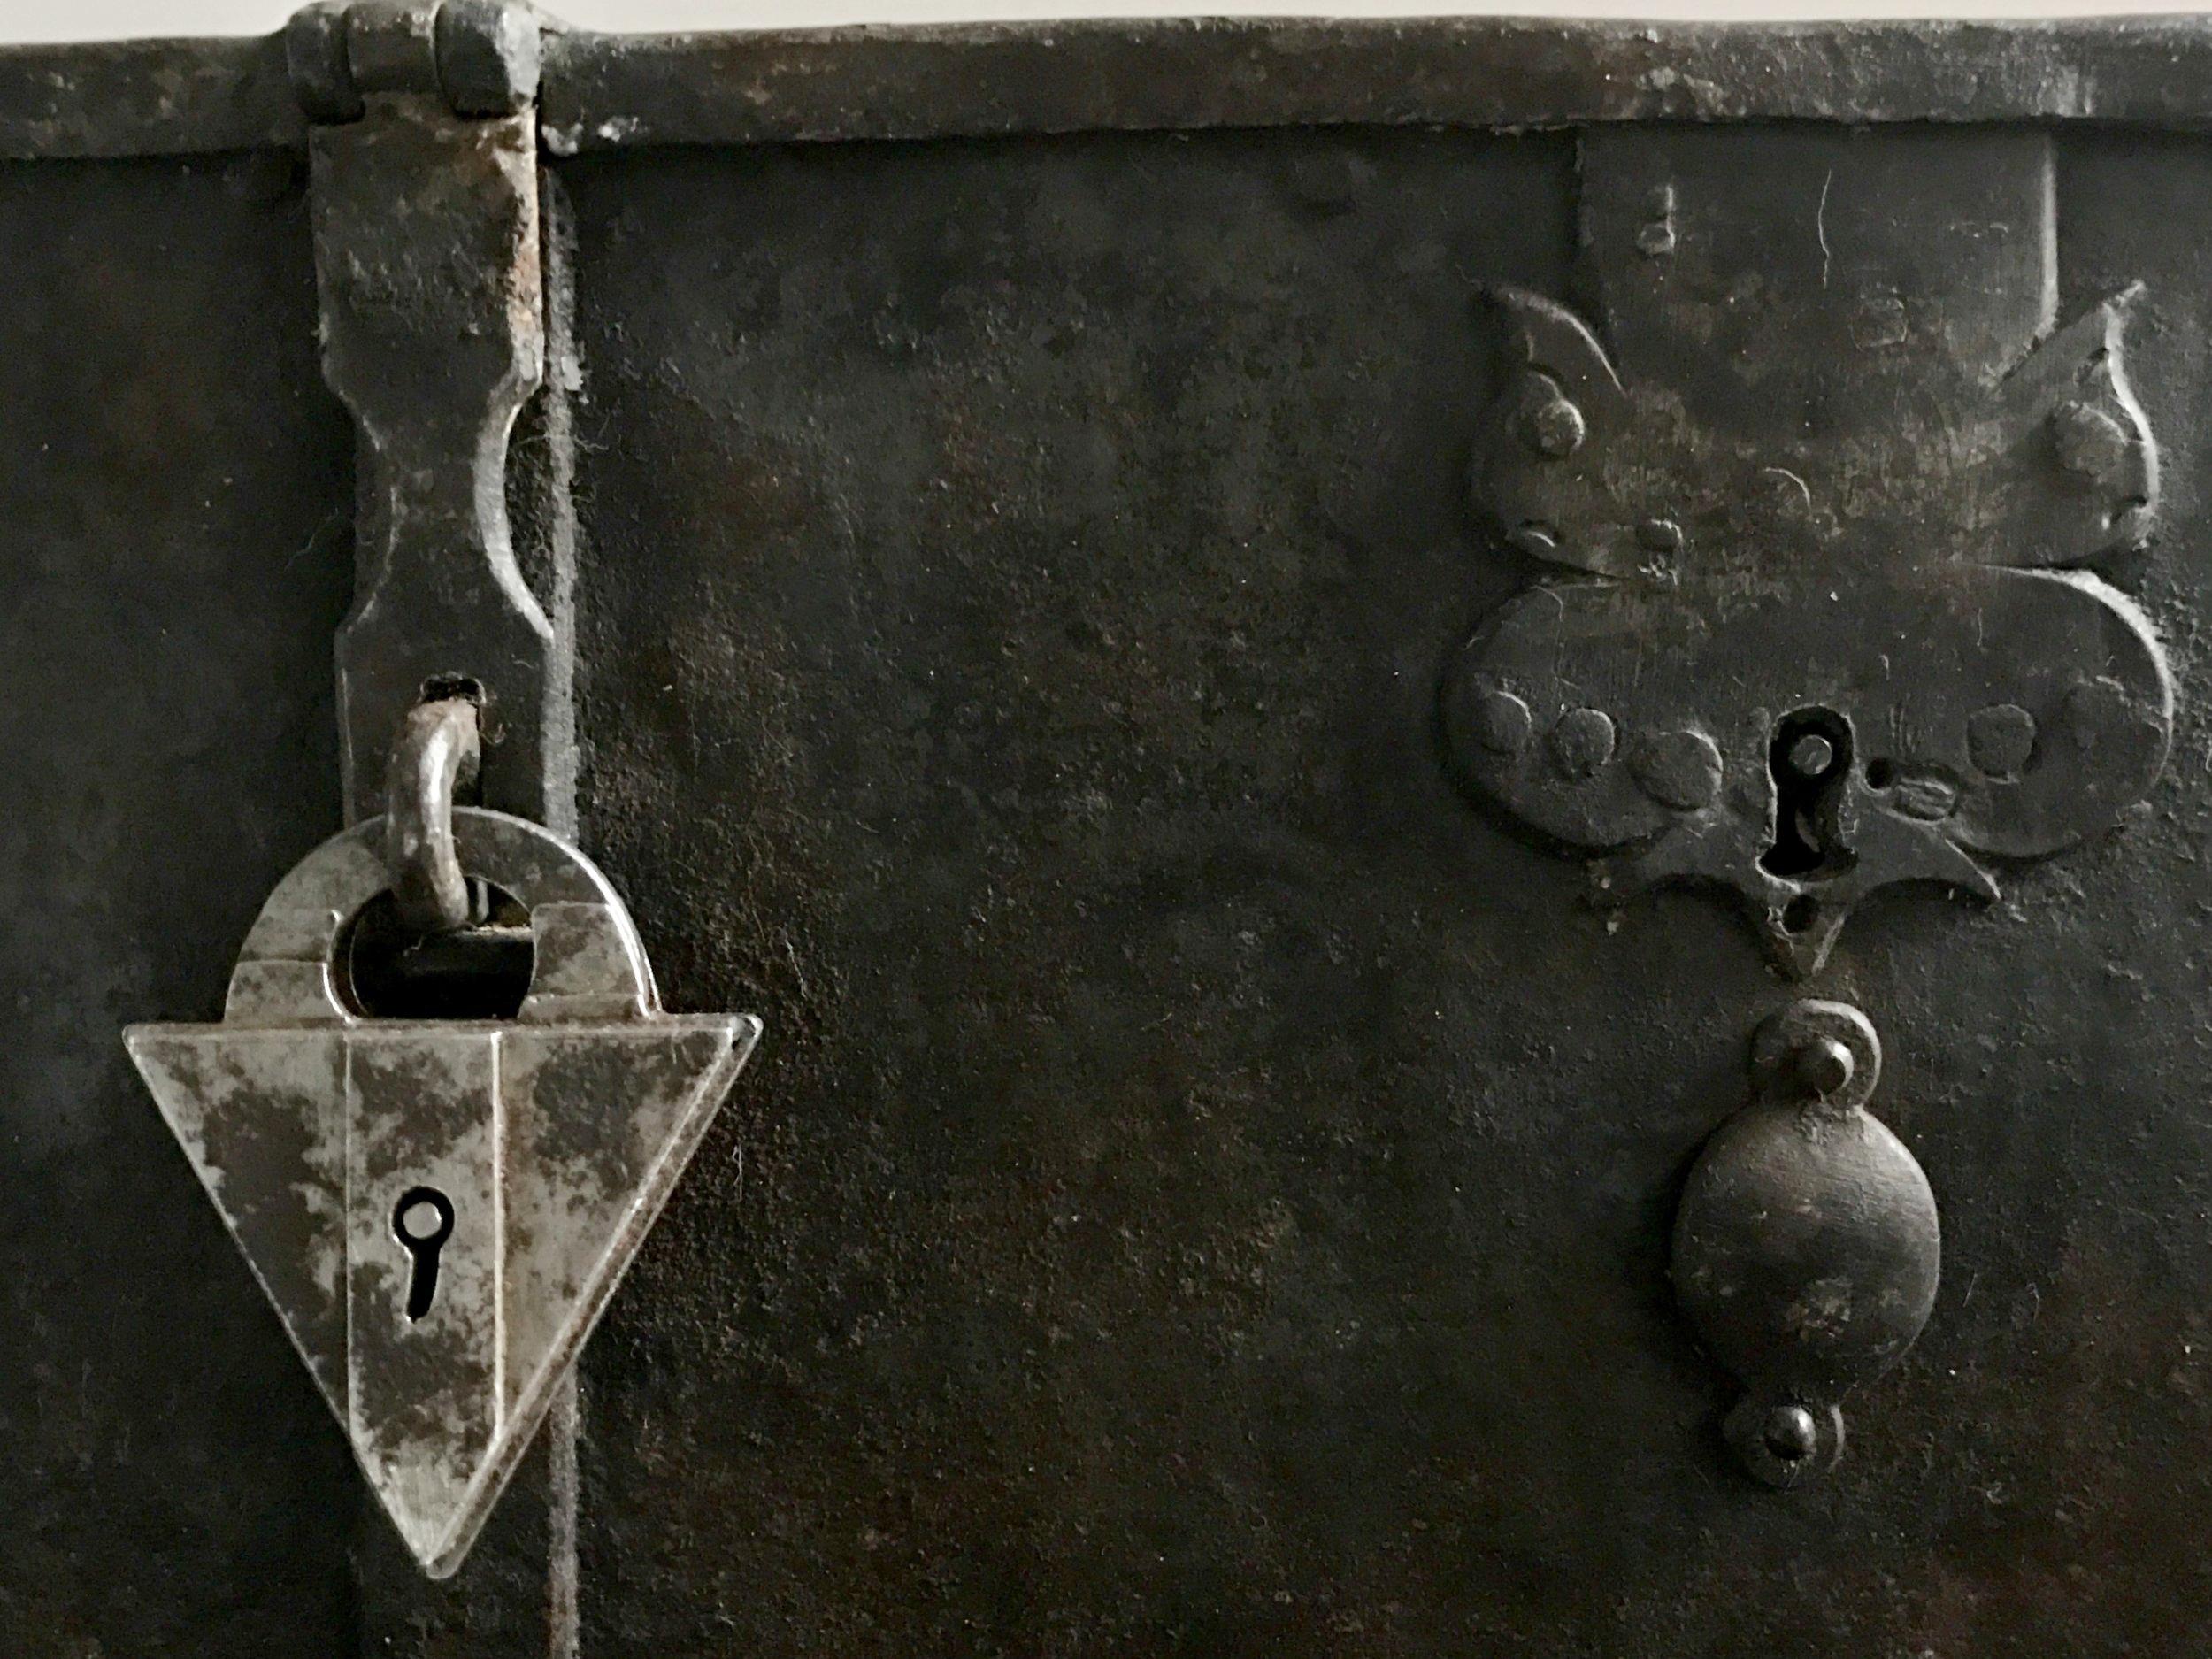 teremok_antiques_german_casket_5.jpg